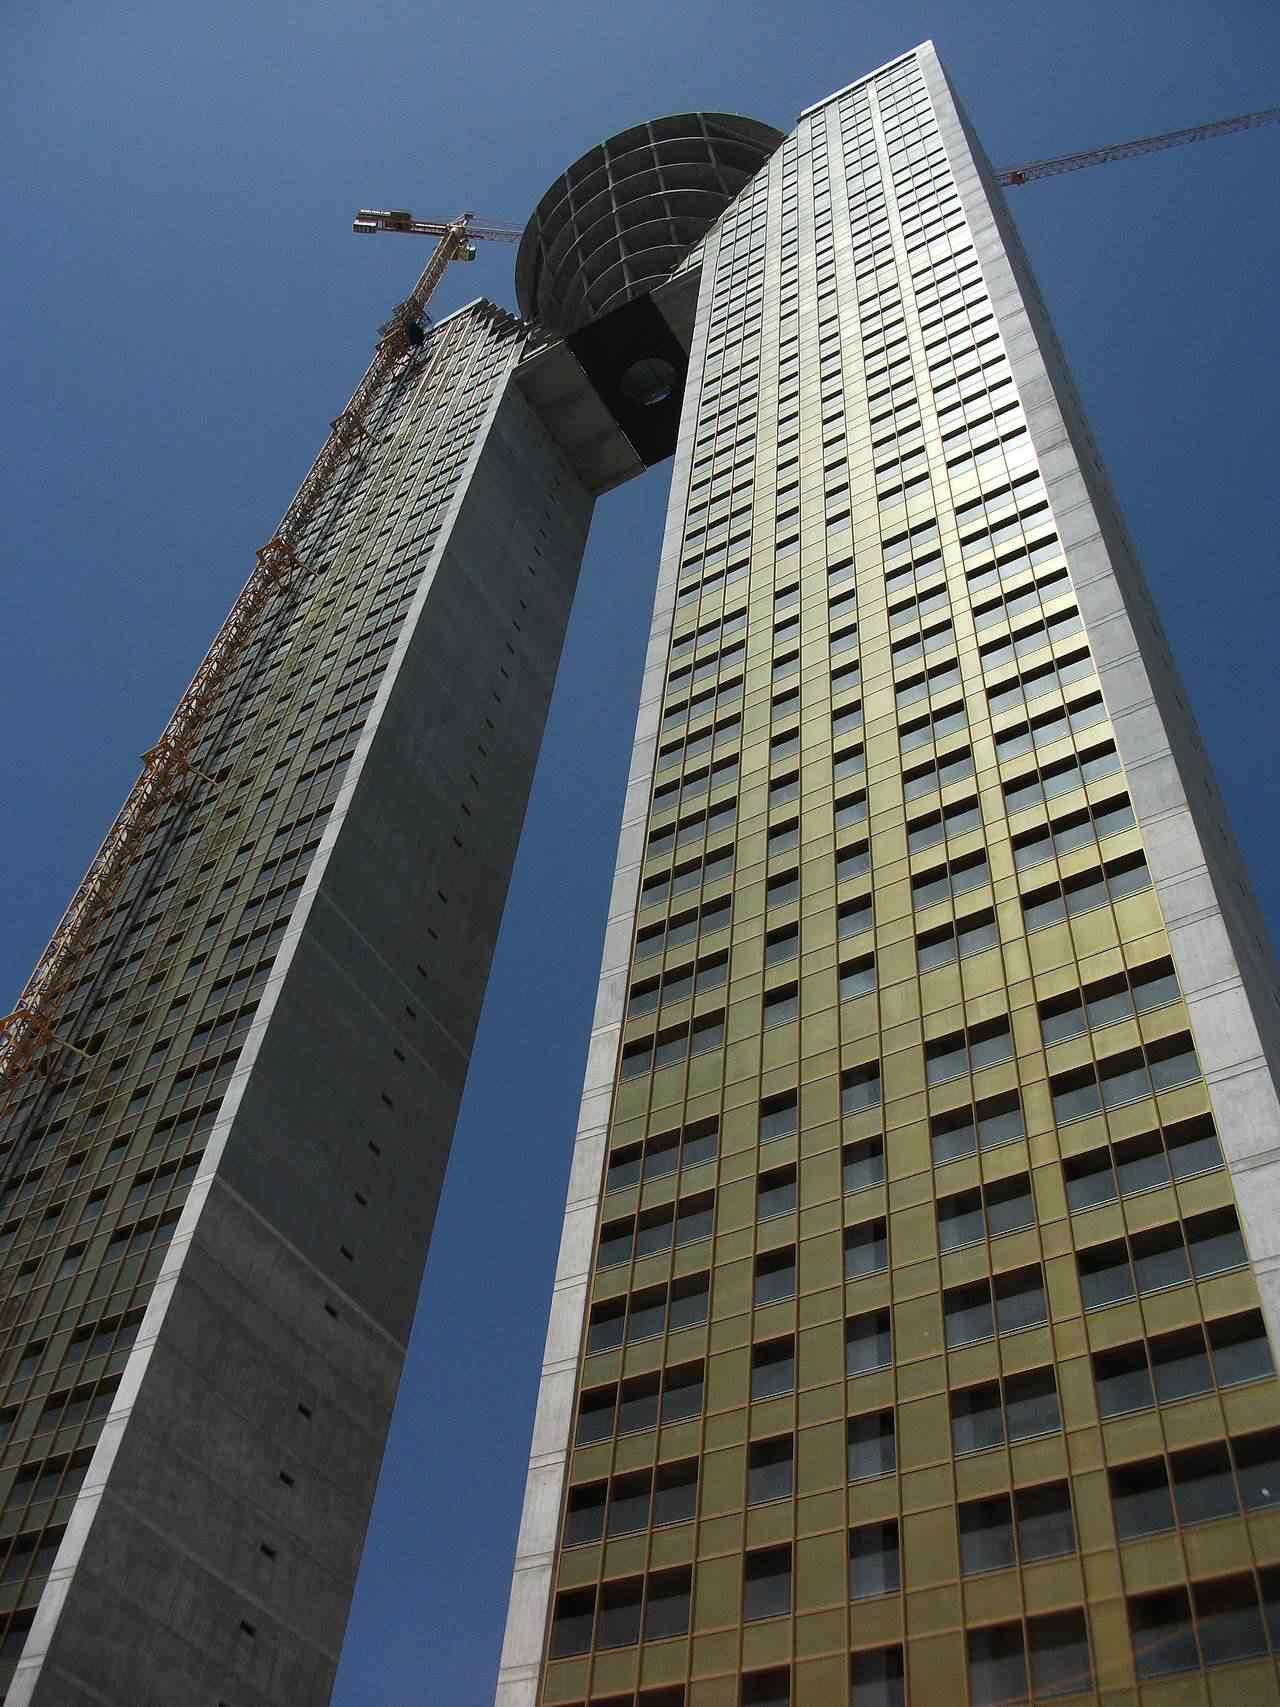 0 d4f2c 139b2752 orig Fail? Espanhóis fazem prédio gigante e esquecem do elevador